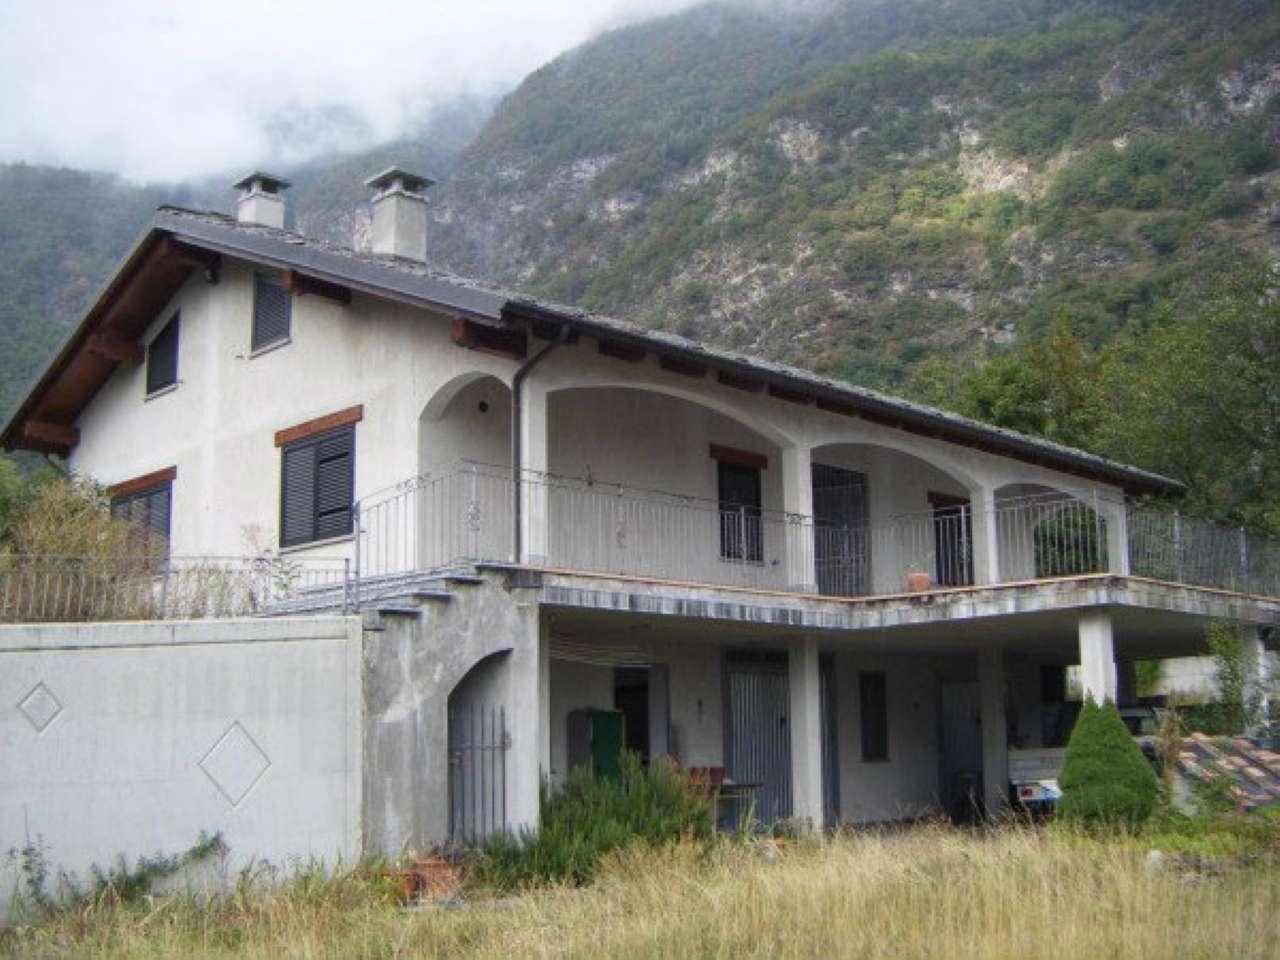 Villa Bifamiliare in vendita a Novalesa, 3 locali, Trattative riservate | Cambio Casa.it